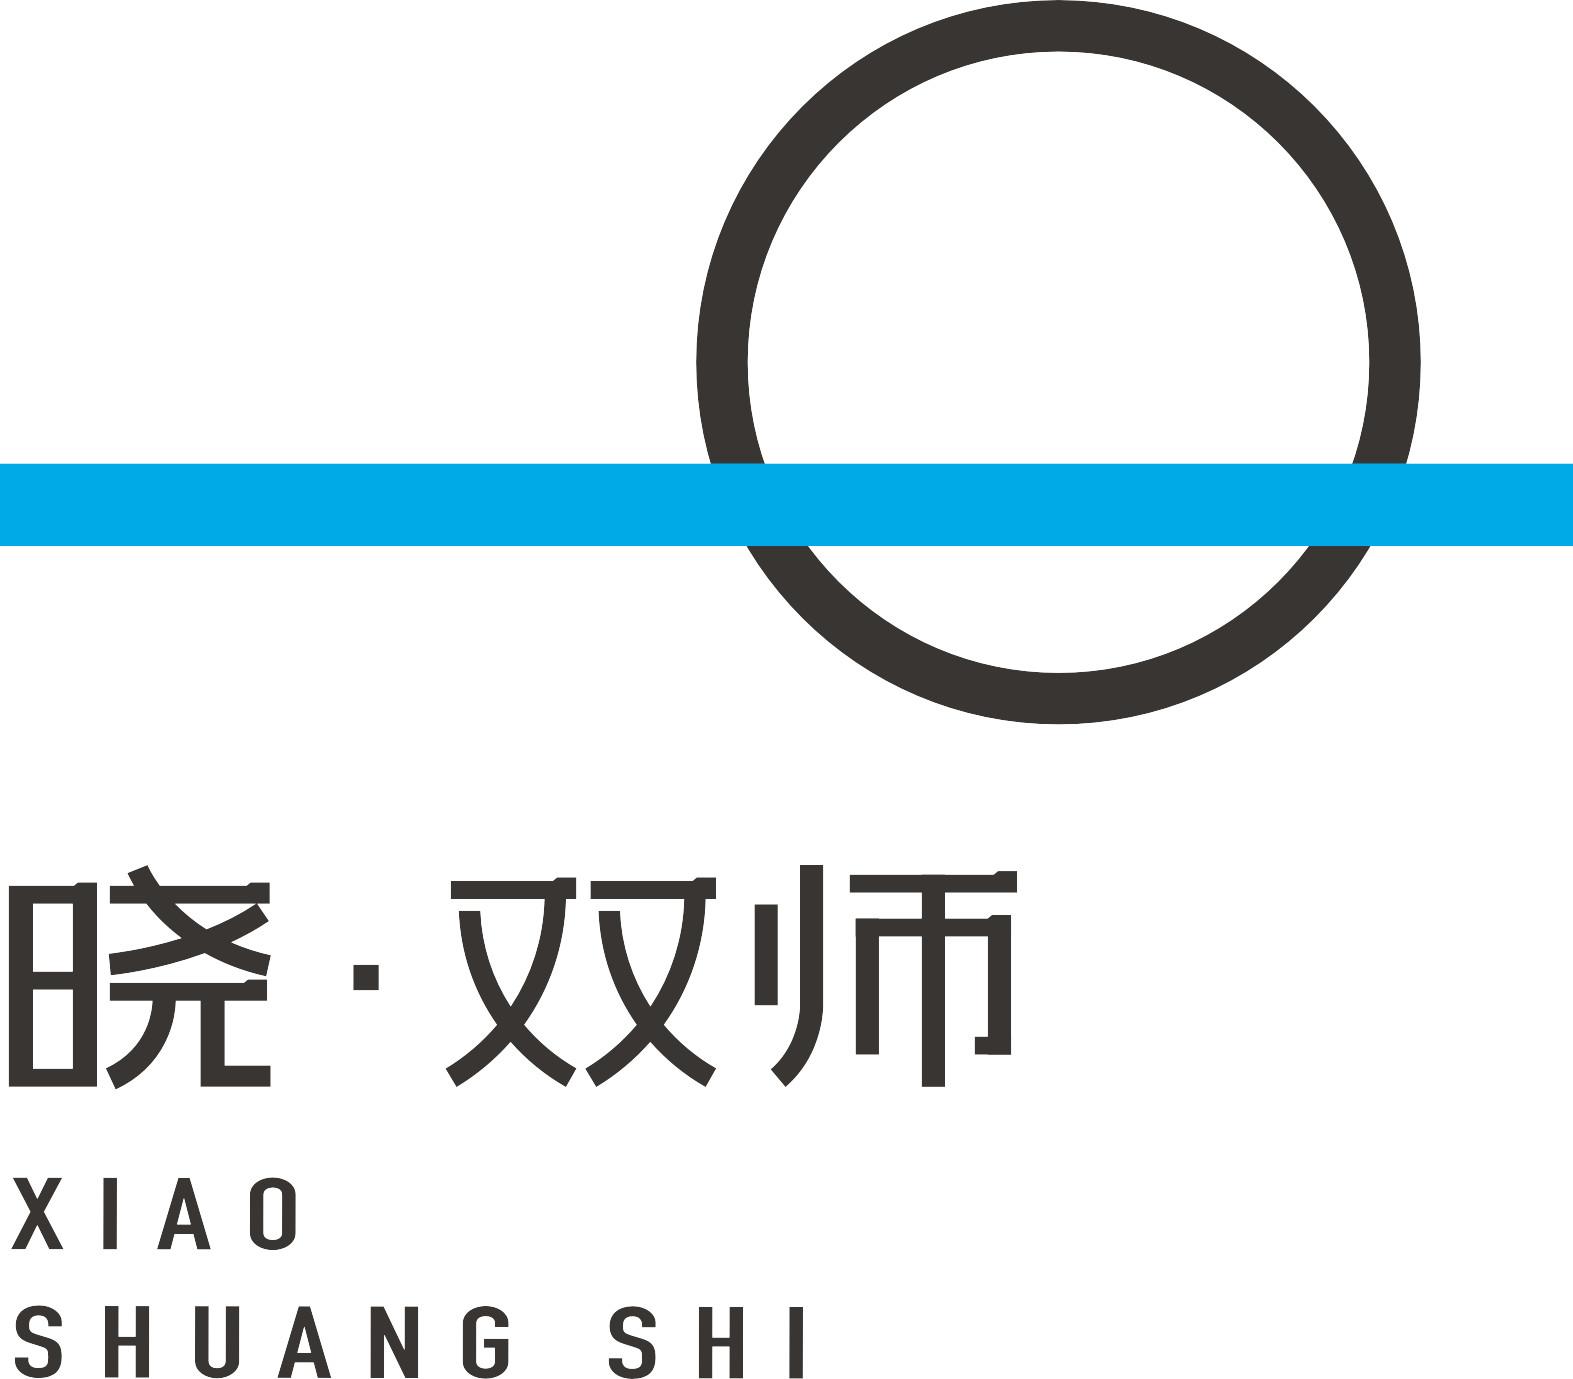 广州市晓双师教育科技有限公司